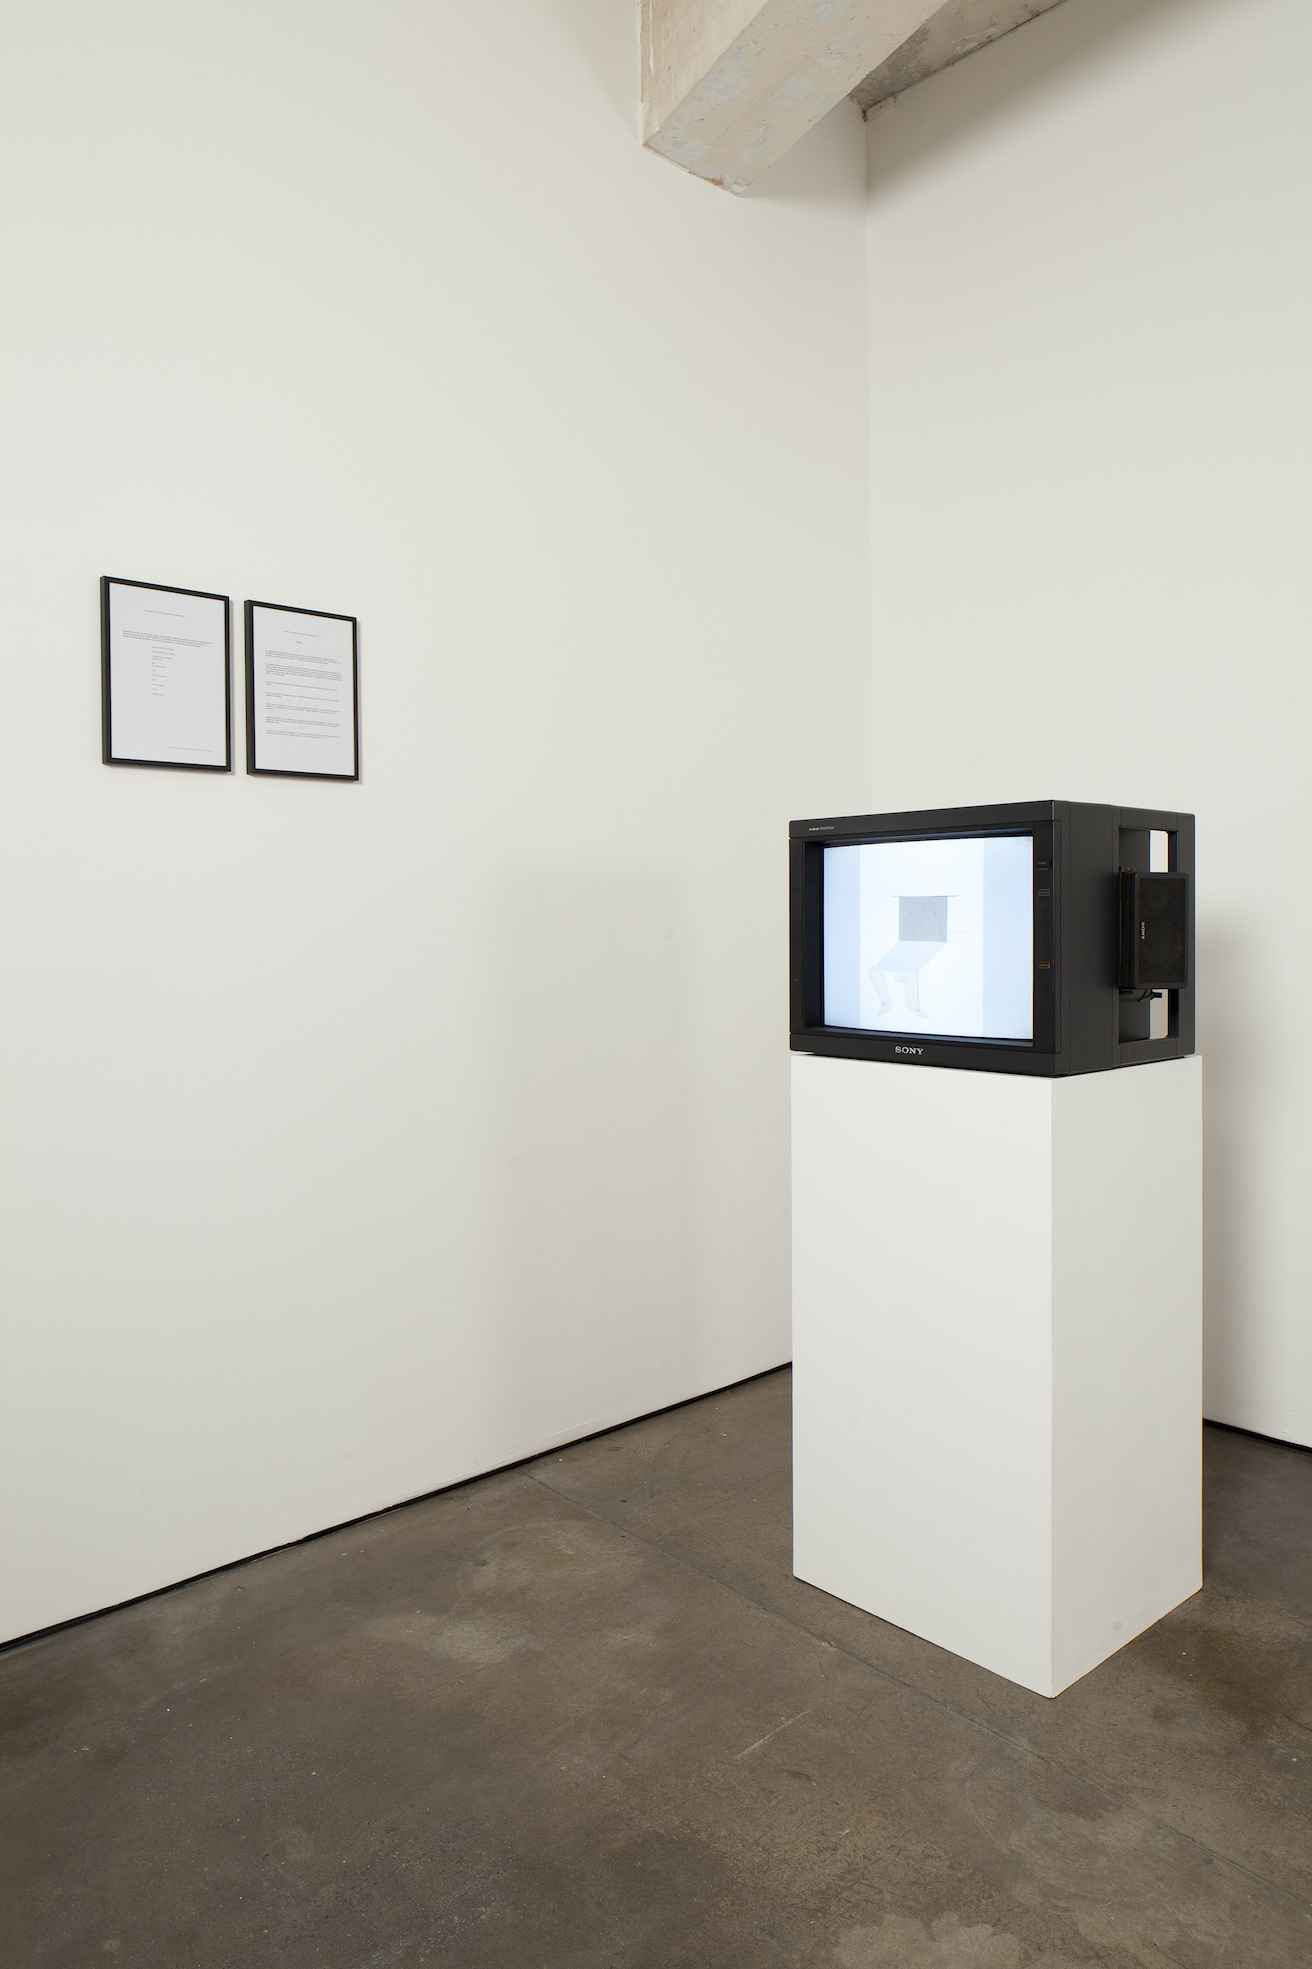 Judith Hopf Contract entre les Hommes et D'Ordinateur 2011 DVD: 03:00 min framed manifest: 29.7 x 21 cm / 11.6 x 8.2 in